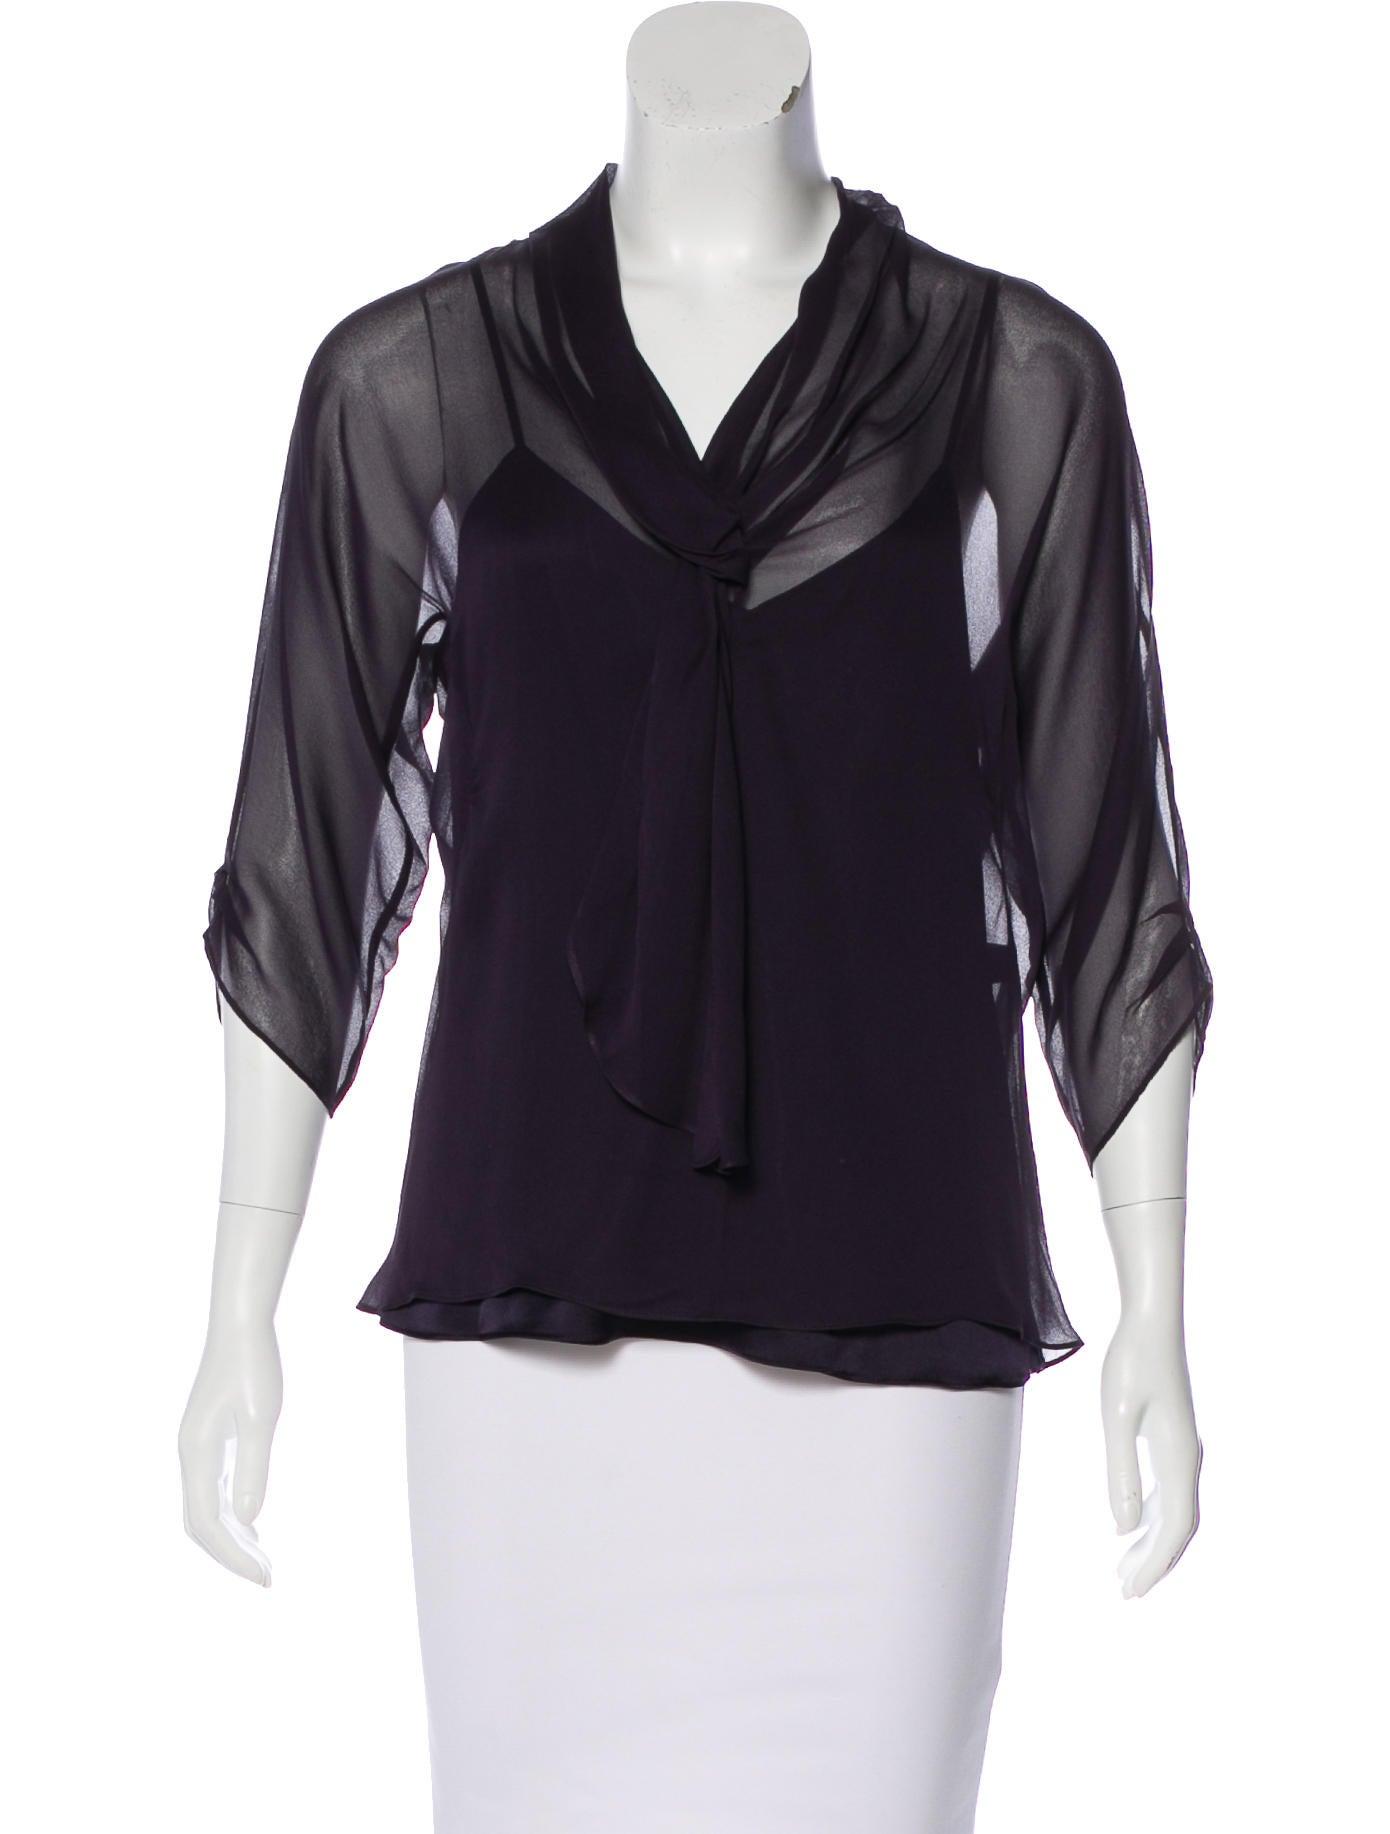 Diane von furstenberg alcott silk top clothing for Diane von furstenberg shirt